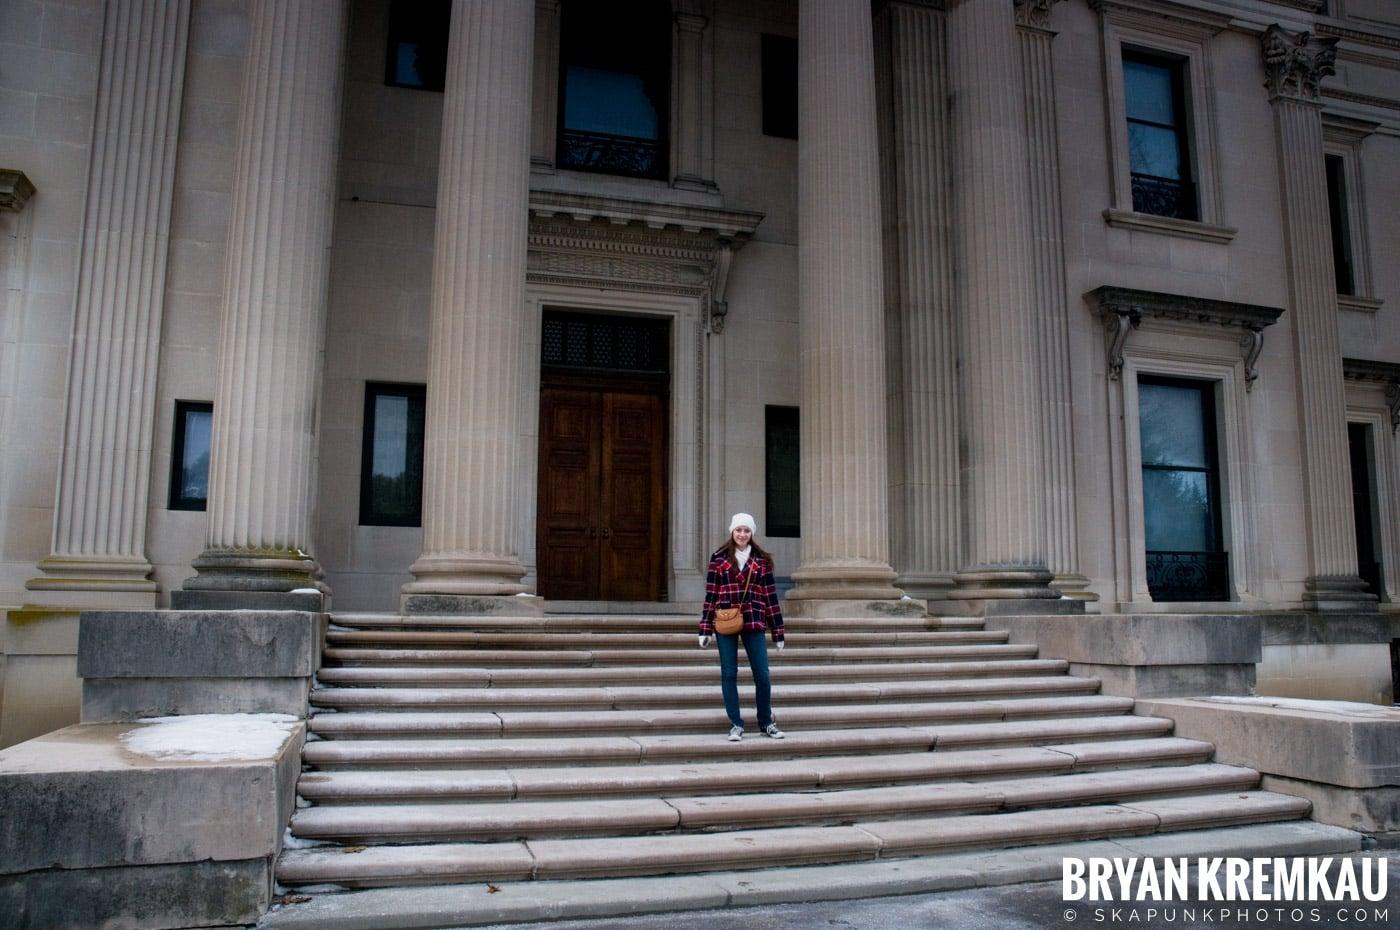 Valentine's Day Trip @ Rhinebeck, FDR's Home, Vanderbilt, Wilderstein Historic Site, NY - 2.14.10 (32)